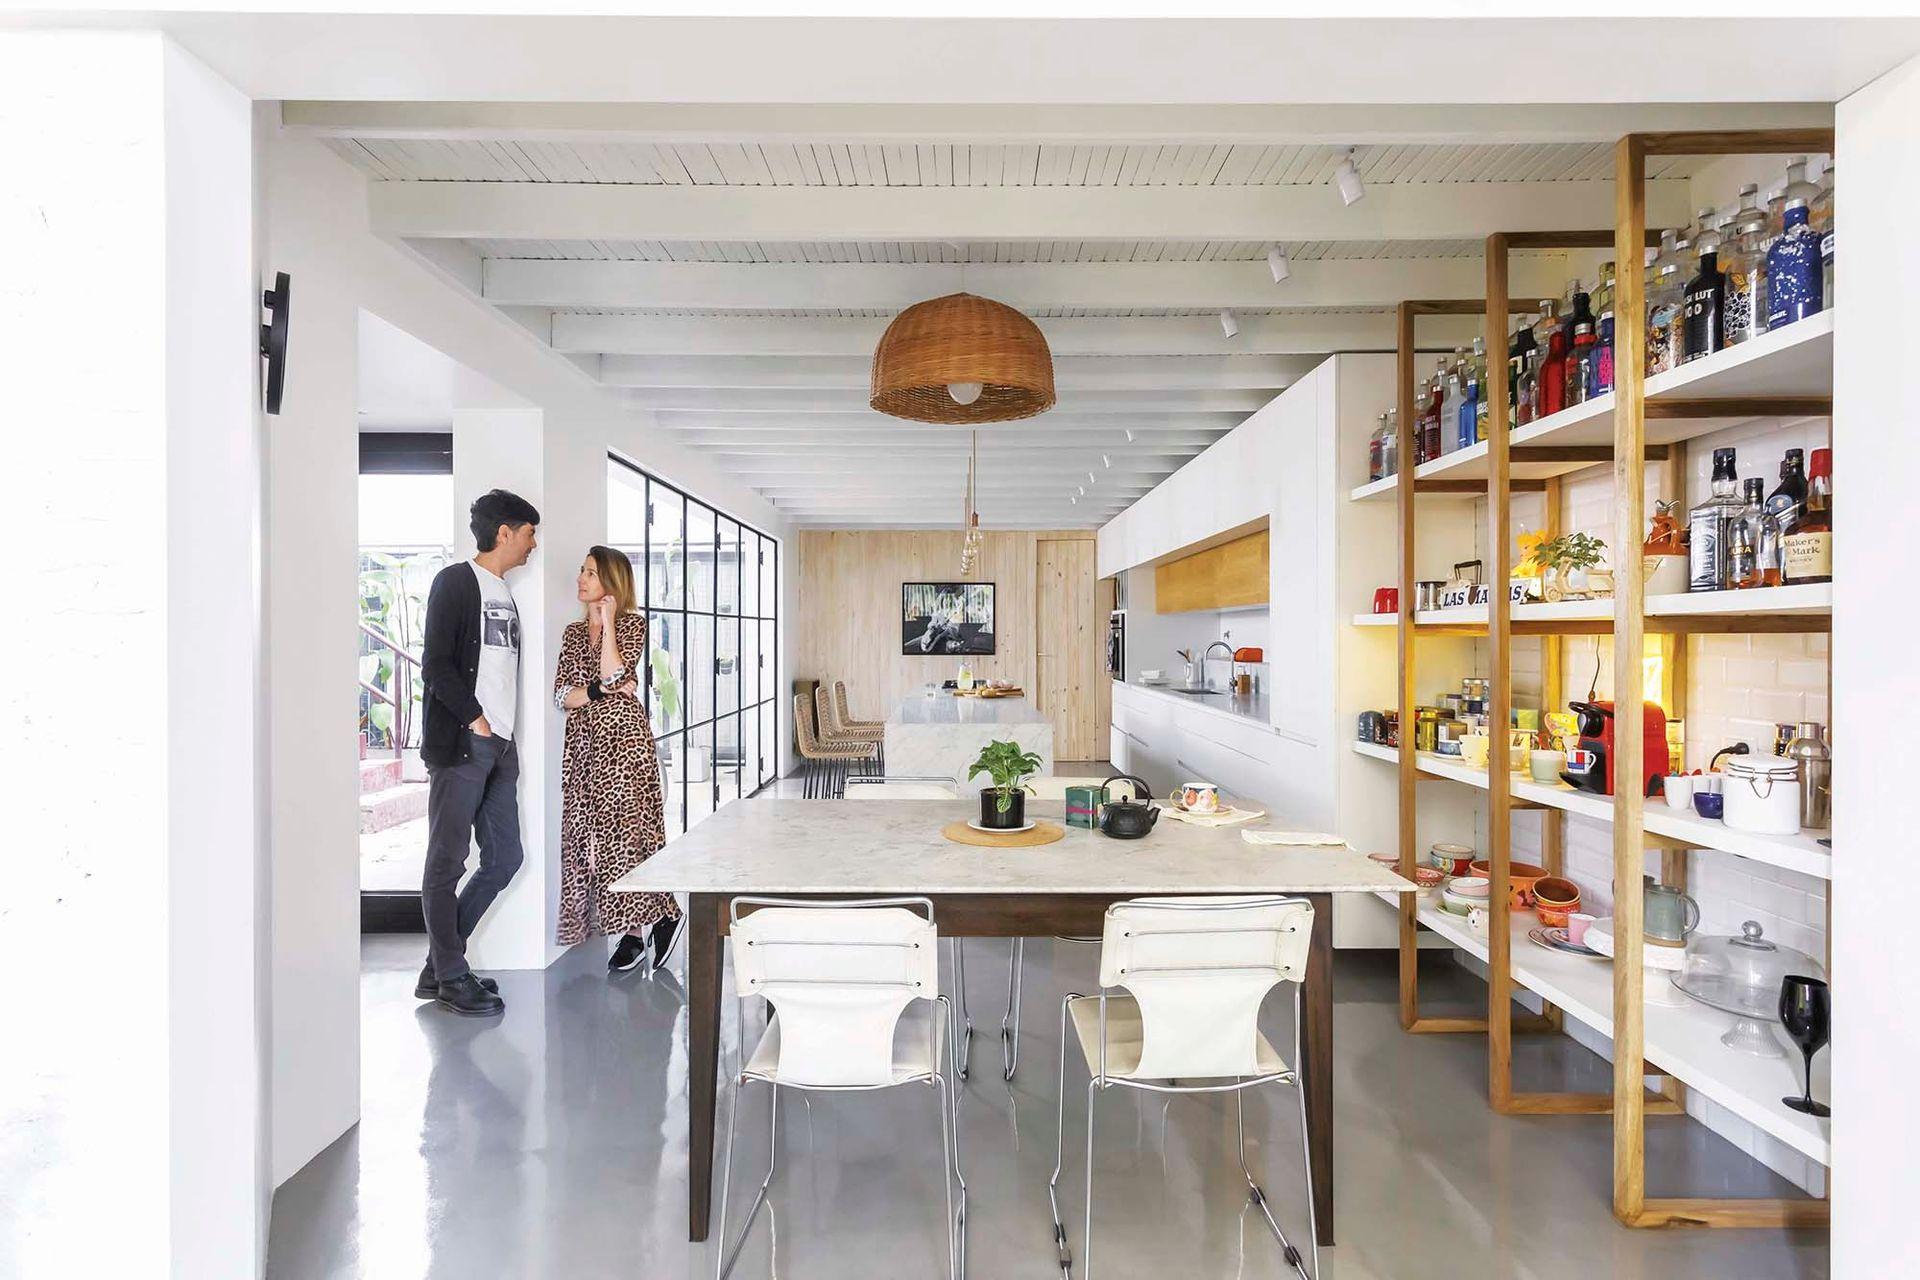 En el sector comedor, estantería con soportes de petiribí, estantes laqueados y fondo en azulejos 'Subway' (todo, Arq. Joaquín Adot).